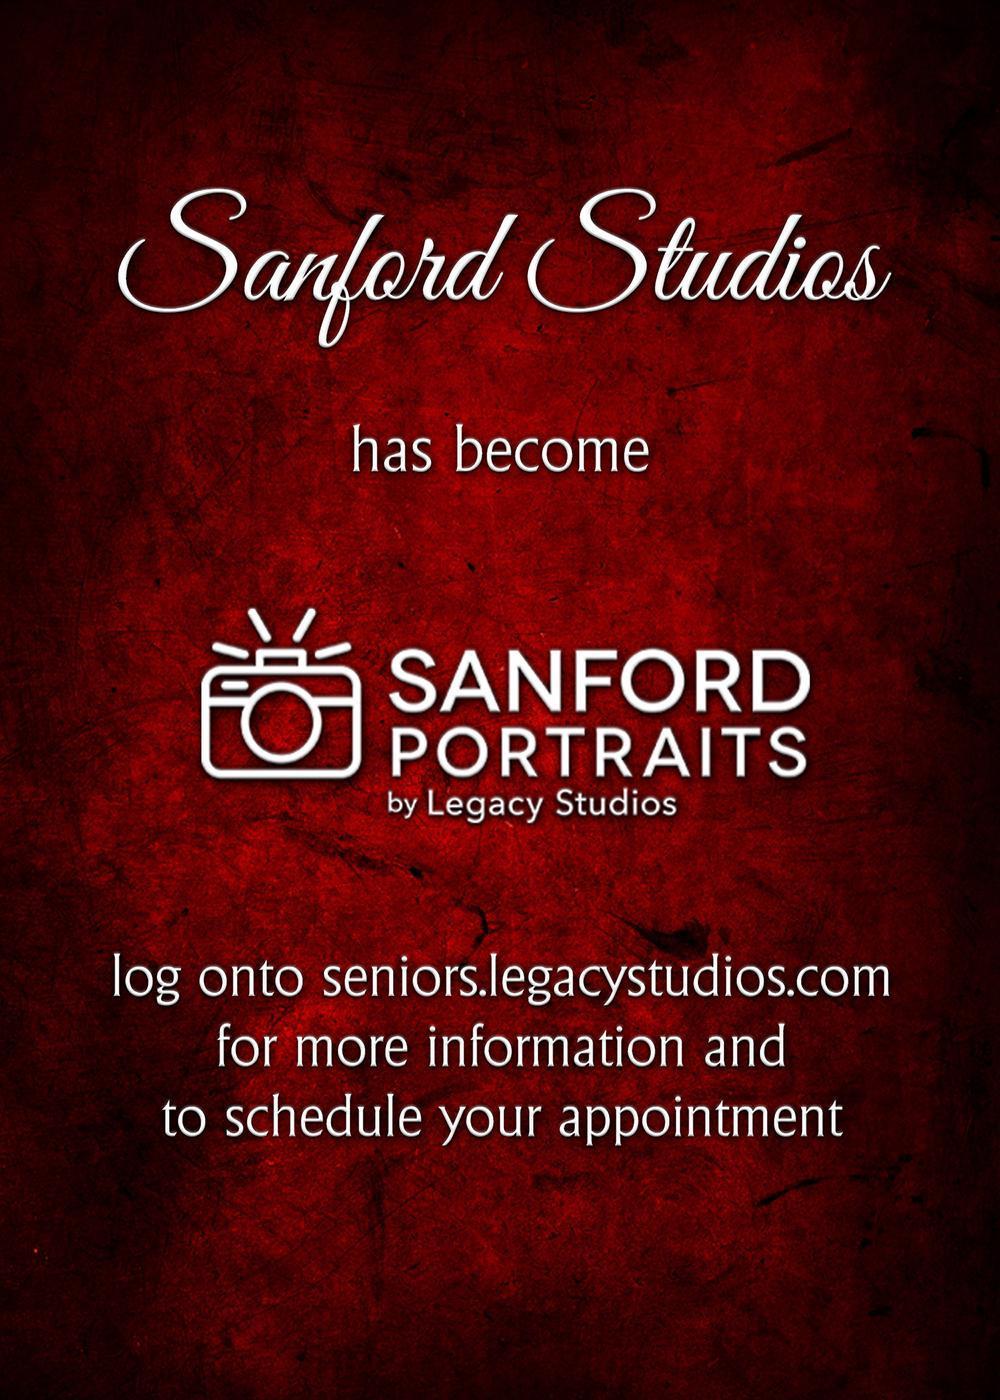 Sanford Portraits